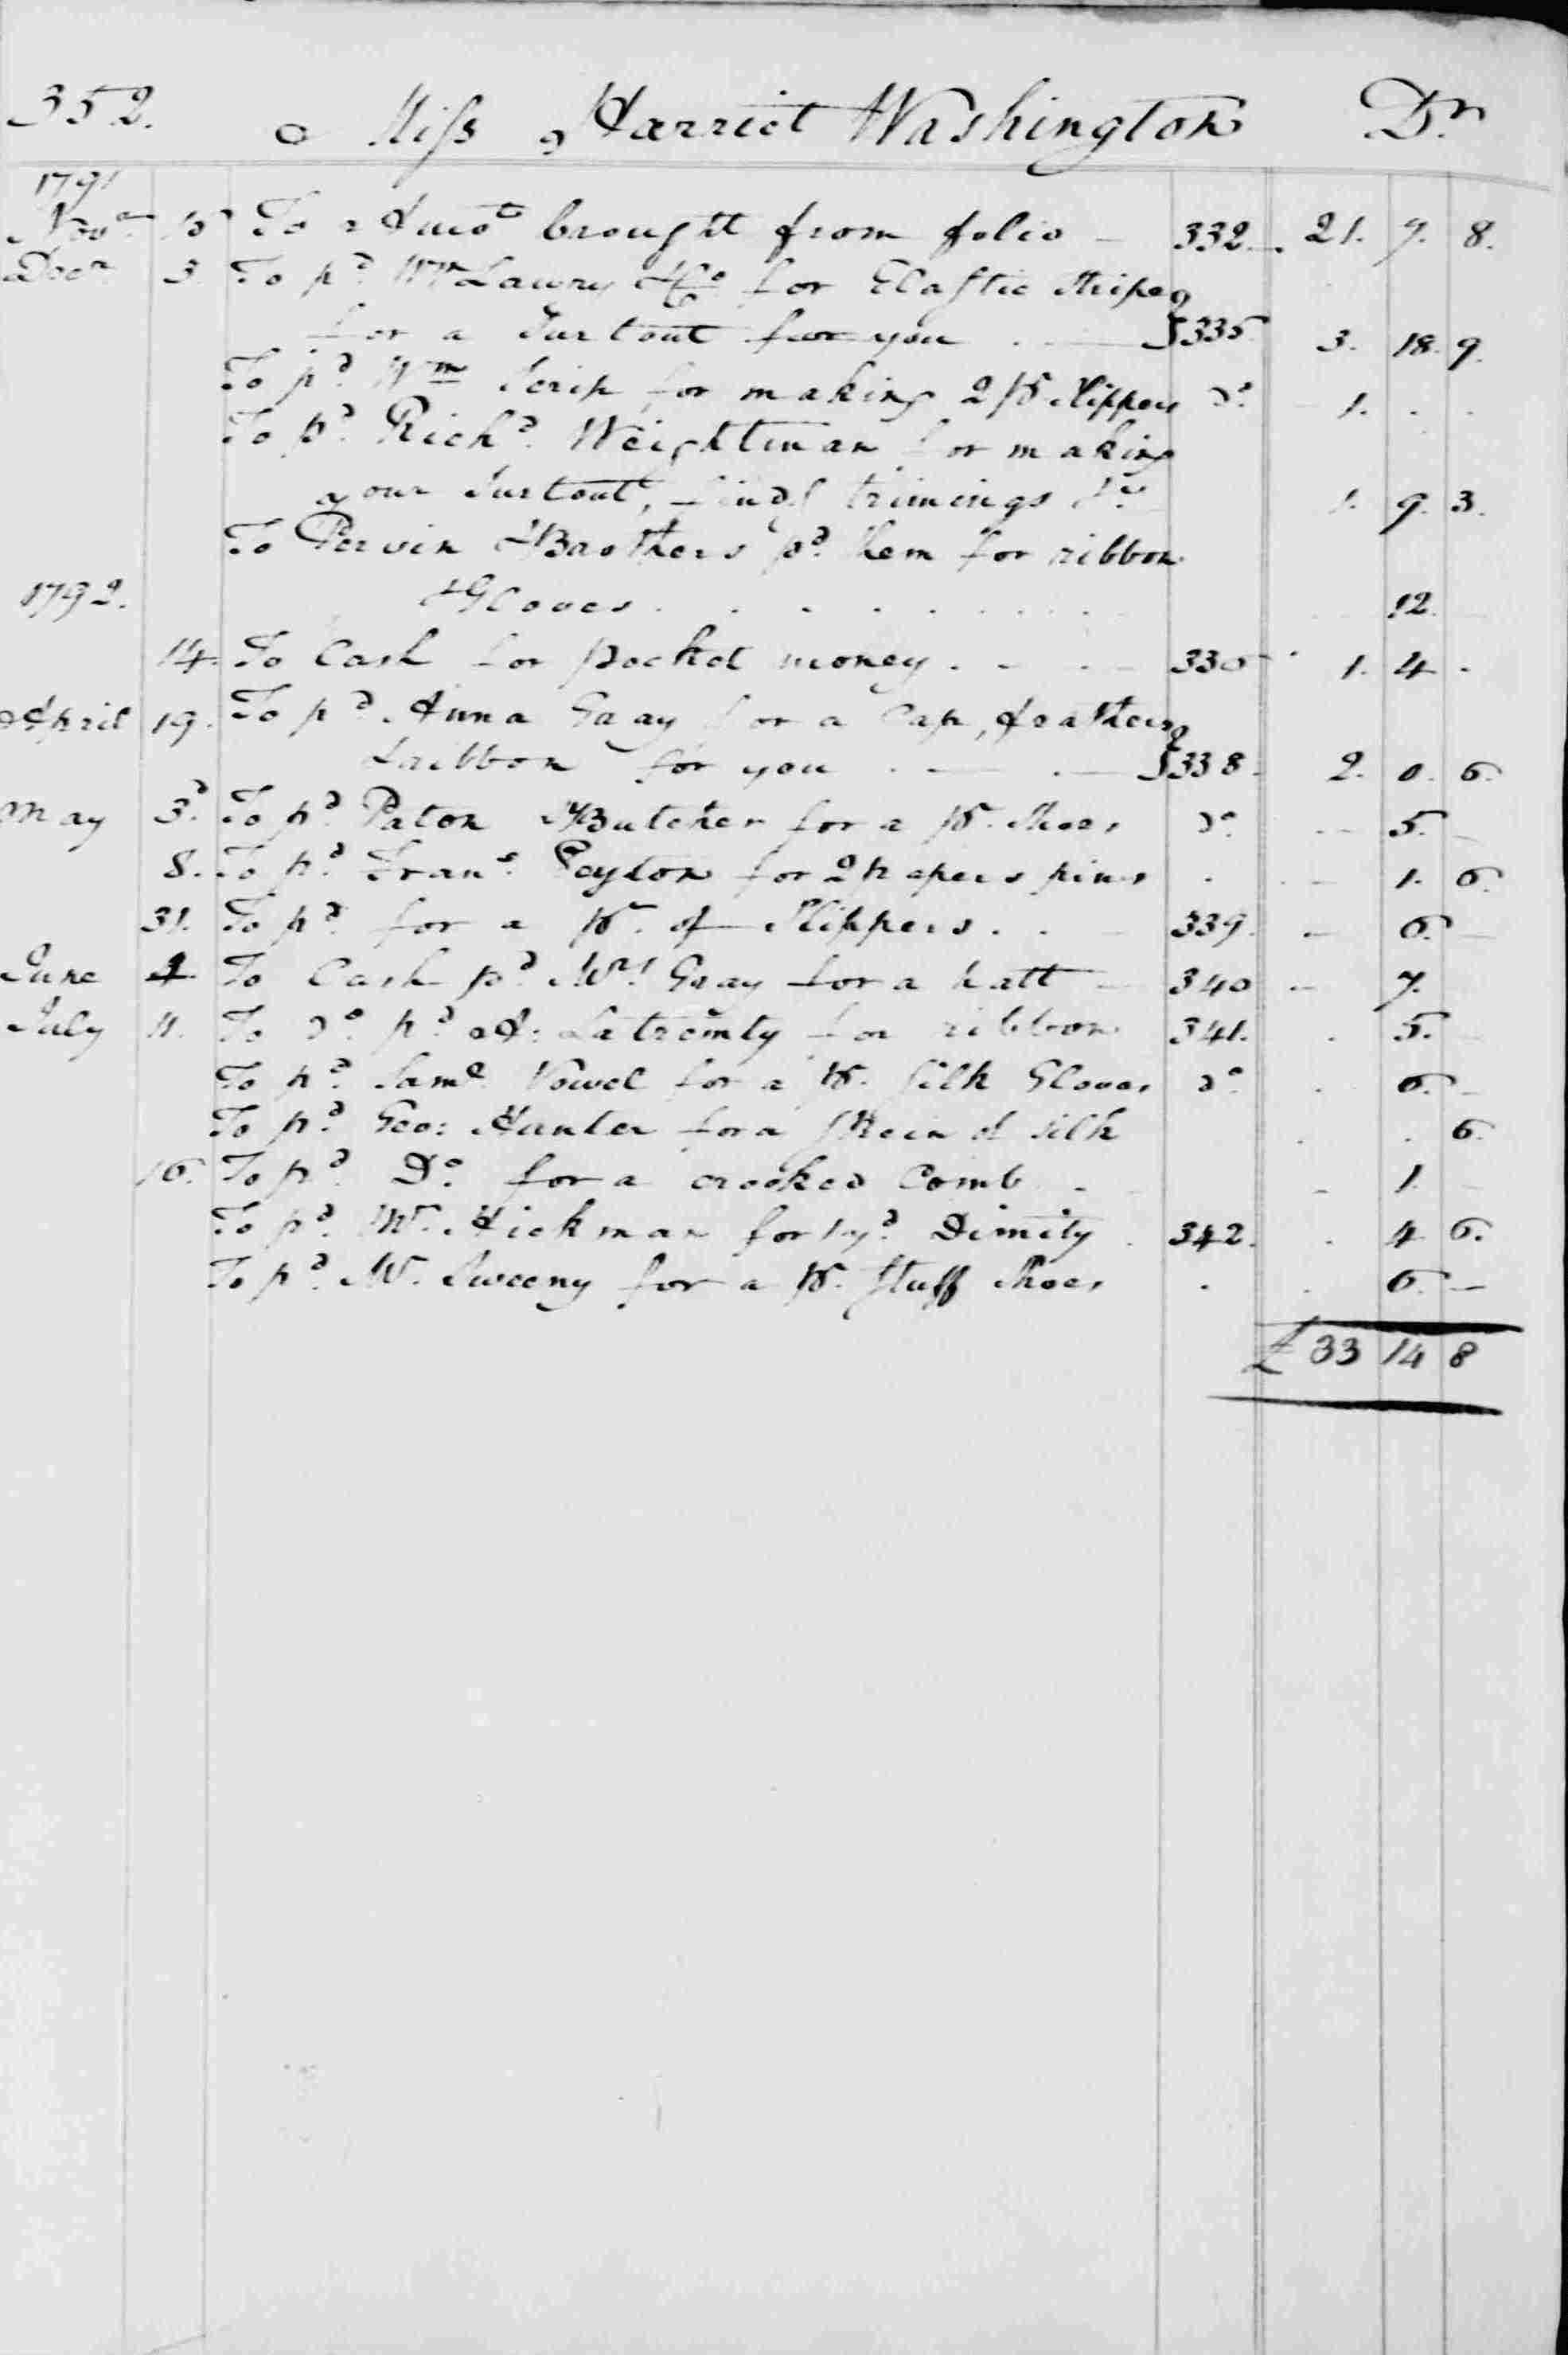 Ledger B, folio 352, left side